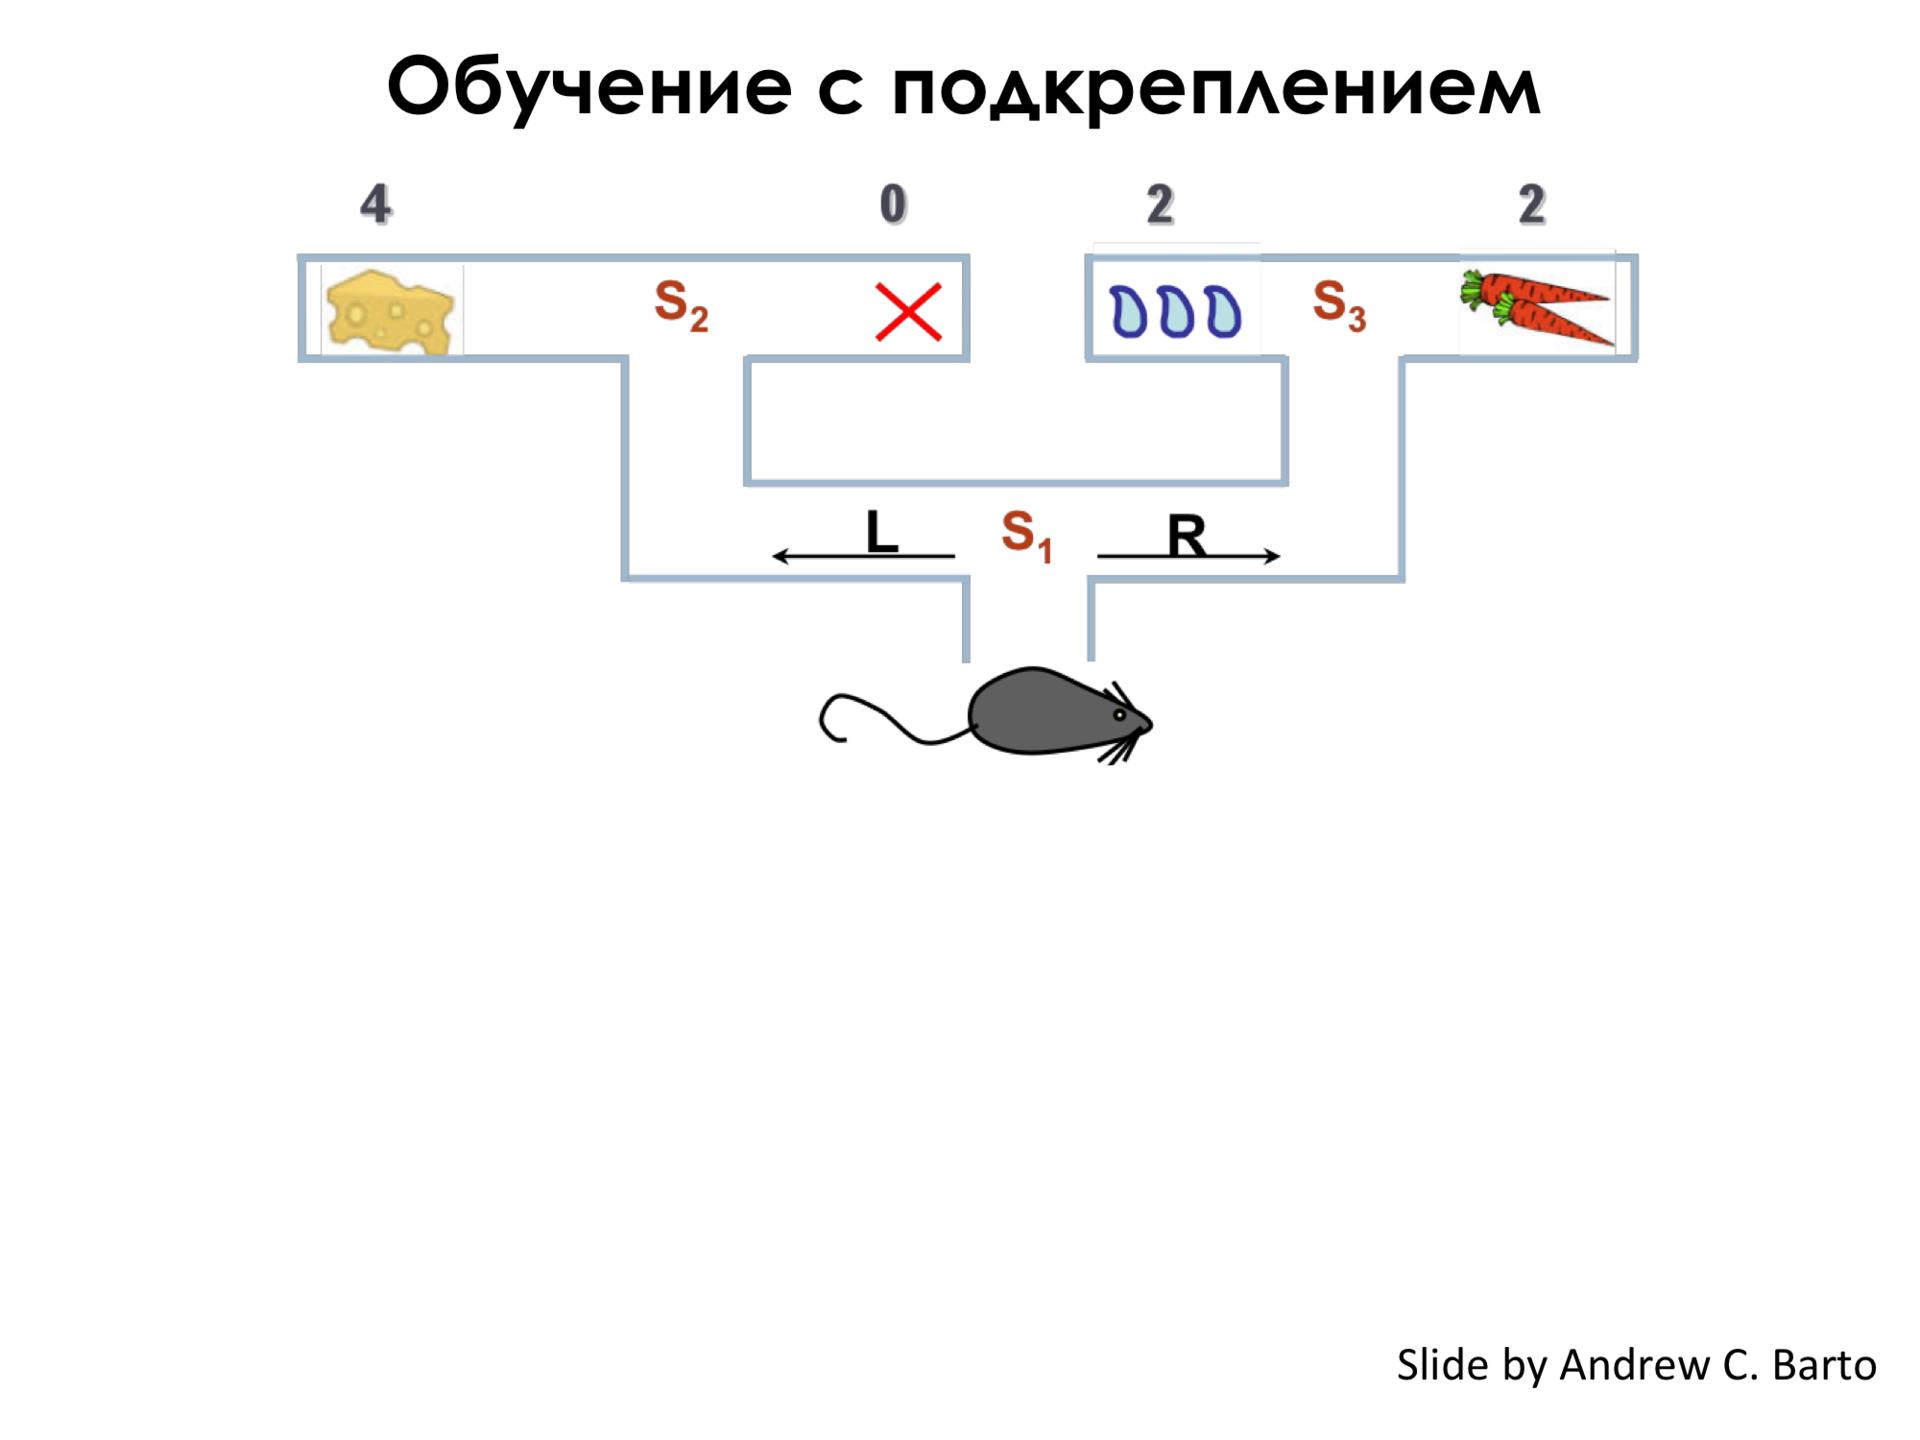 Самое главное о нейронных сетях. Лекция в Яндексе - 43